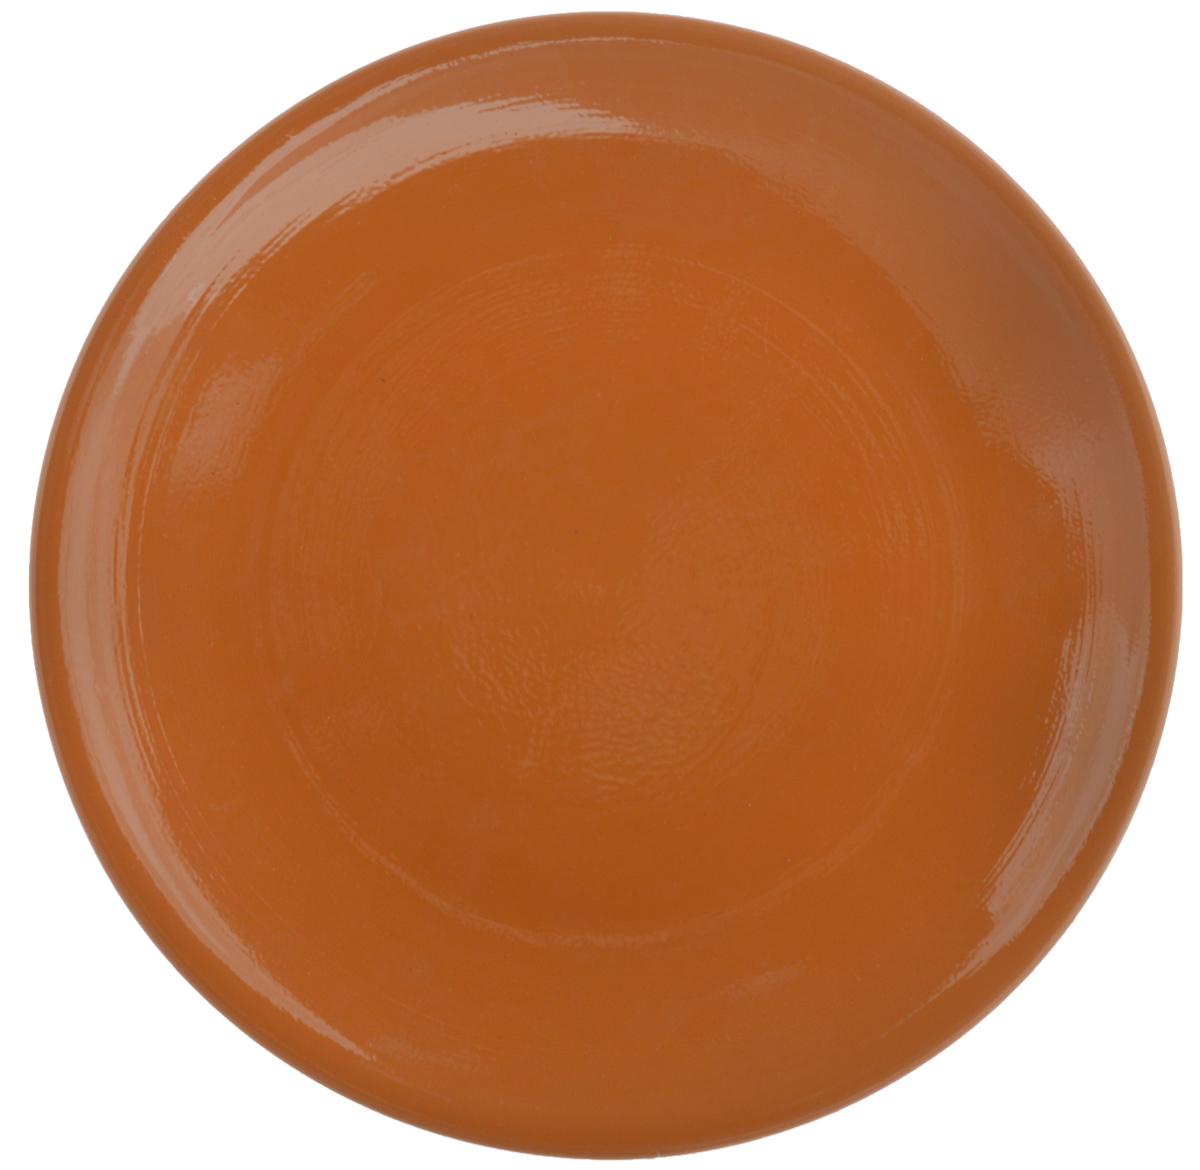 Тарелка Борисовская керамика Cтандарт, цвет: коричневый, диаметр 23 смОБЧ00000586_коричневыйТарелка плоская Cтандарт выполнена из высококачественной керамики. Внутренняя часть тарелки оформлена ярким рисунком с изображением цветка. Тарелка Борисовская керамика Cтандарт идеально подойдет для сервировки стола и станет отличным подарком к любому празднику. Изделие может использоваться как подставка под любую другую посуду. Можно использовать в духовке и микроволновой печи. Диаметр (по верхнему краю): 23 см.